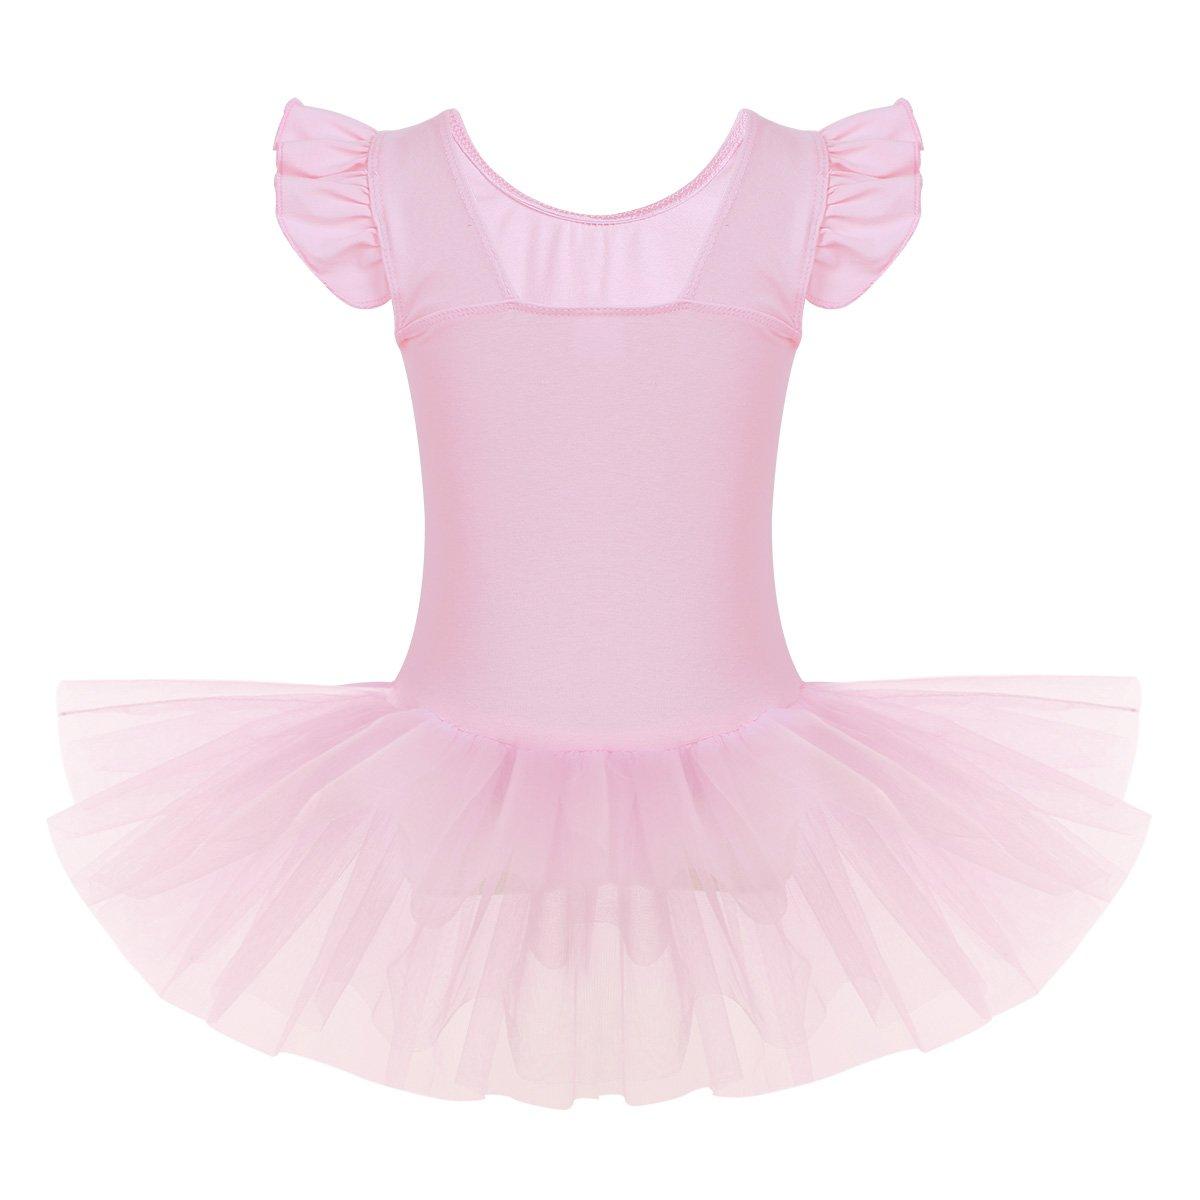 587339b3c10e iiniim Girls Tutu Ballet Leotards Dance Dress Little Girls Gymnastics  Ballerina Fancy Fairy Costume